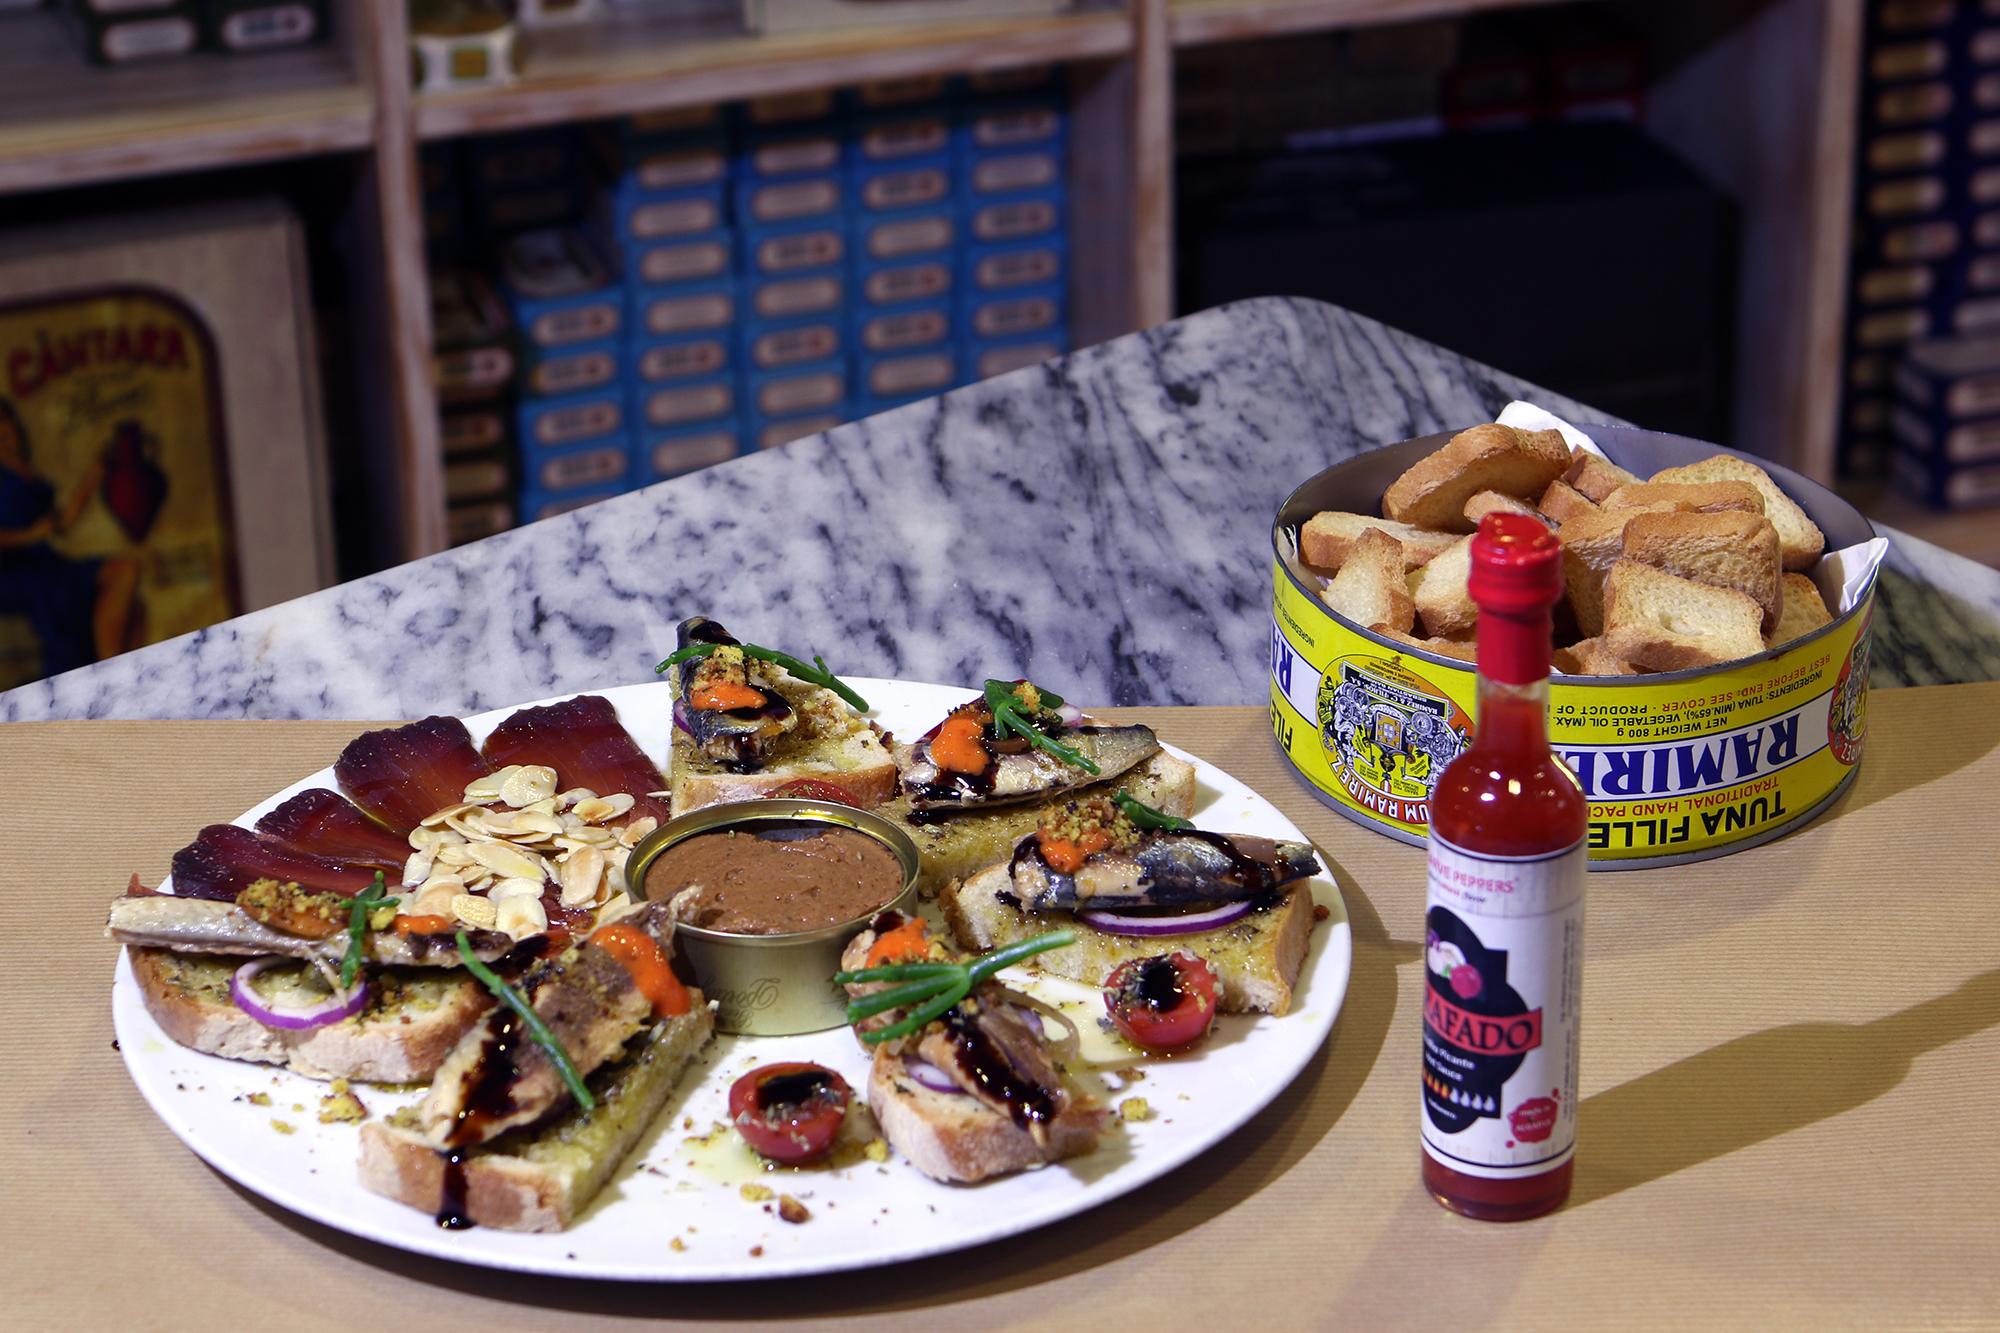 Food_Tour_Portimao_Cavala, Muxama e Paté de Sardinha